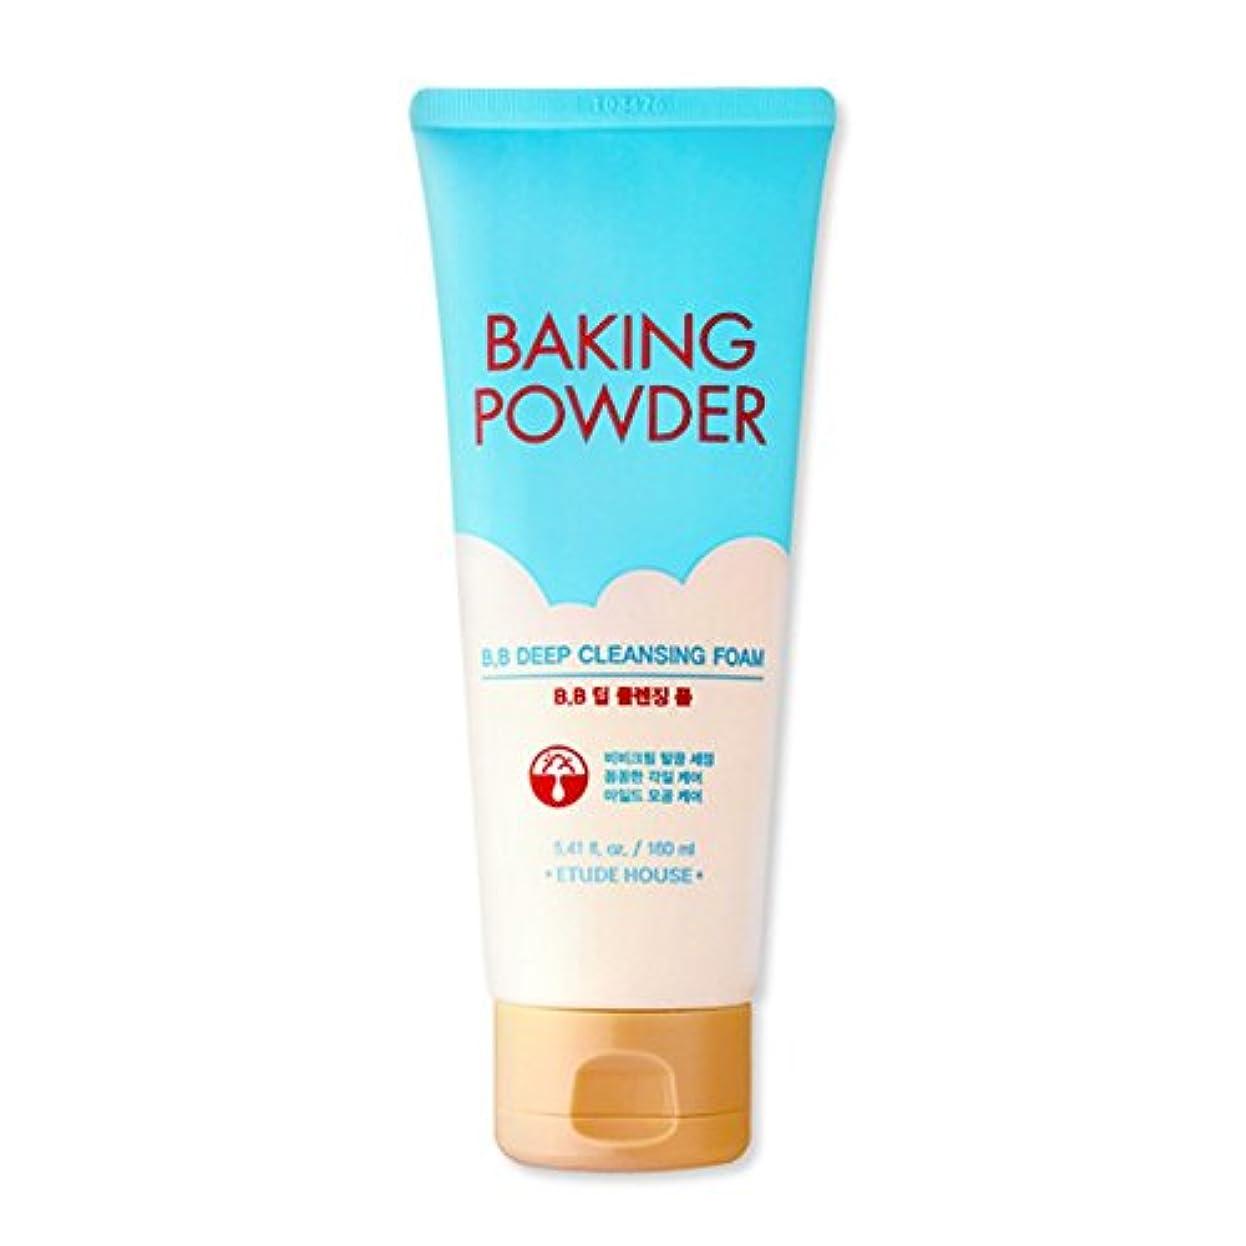 化学ブレイズ計り知れない[2016 Upgrade!] ETUDE HOUSE Baking Powder B.B Deep Cleansing Foam 160ml/エチュードハウス ベーキング パウダー B.B ディープ クレンジング フォーム...